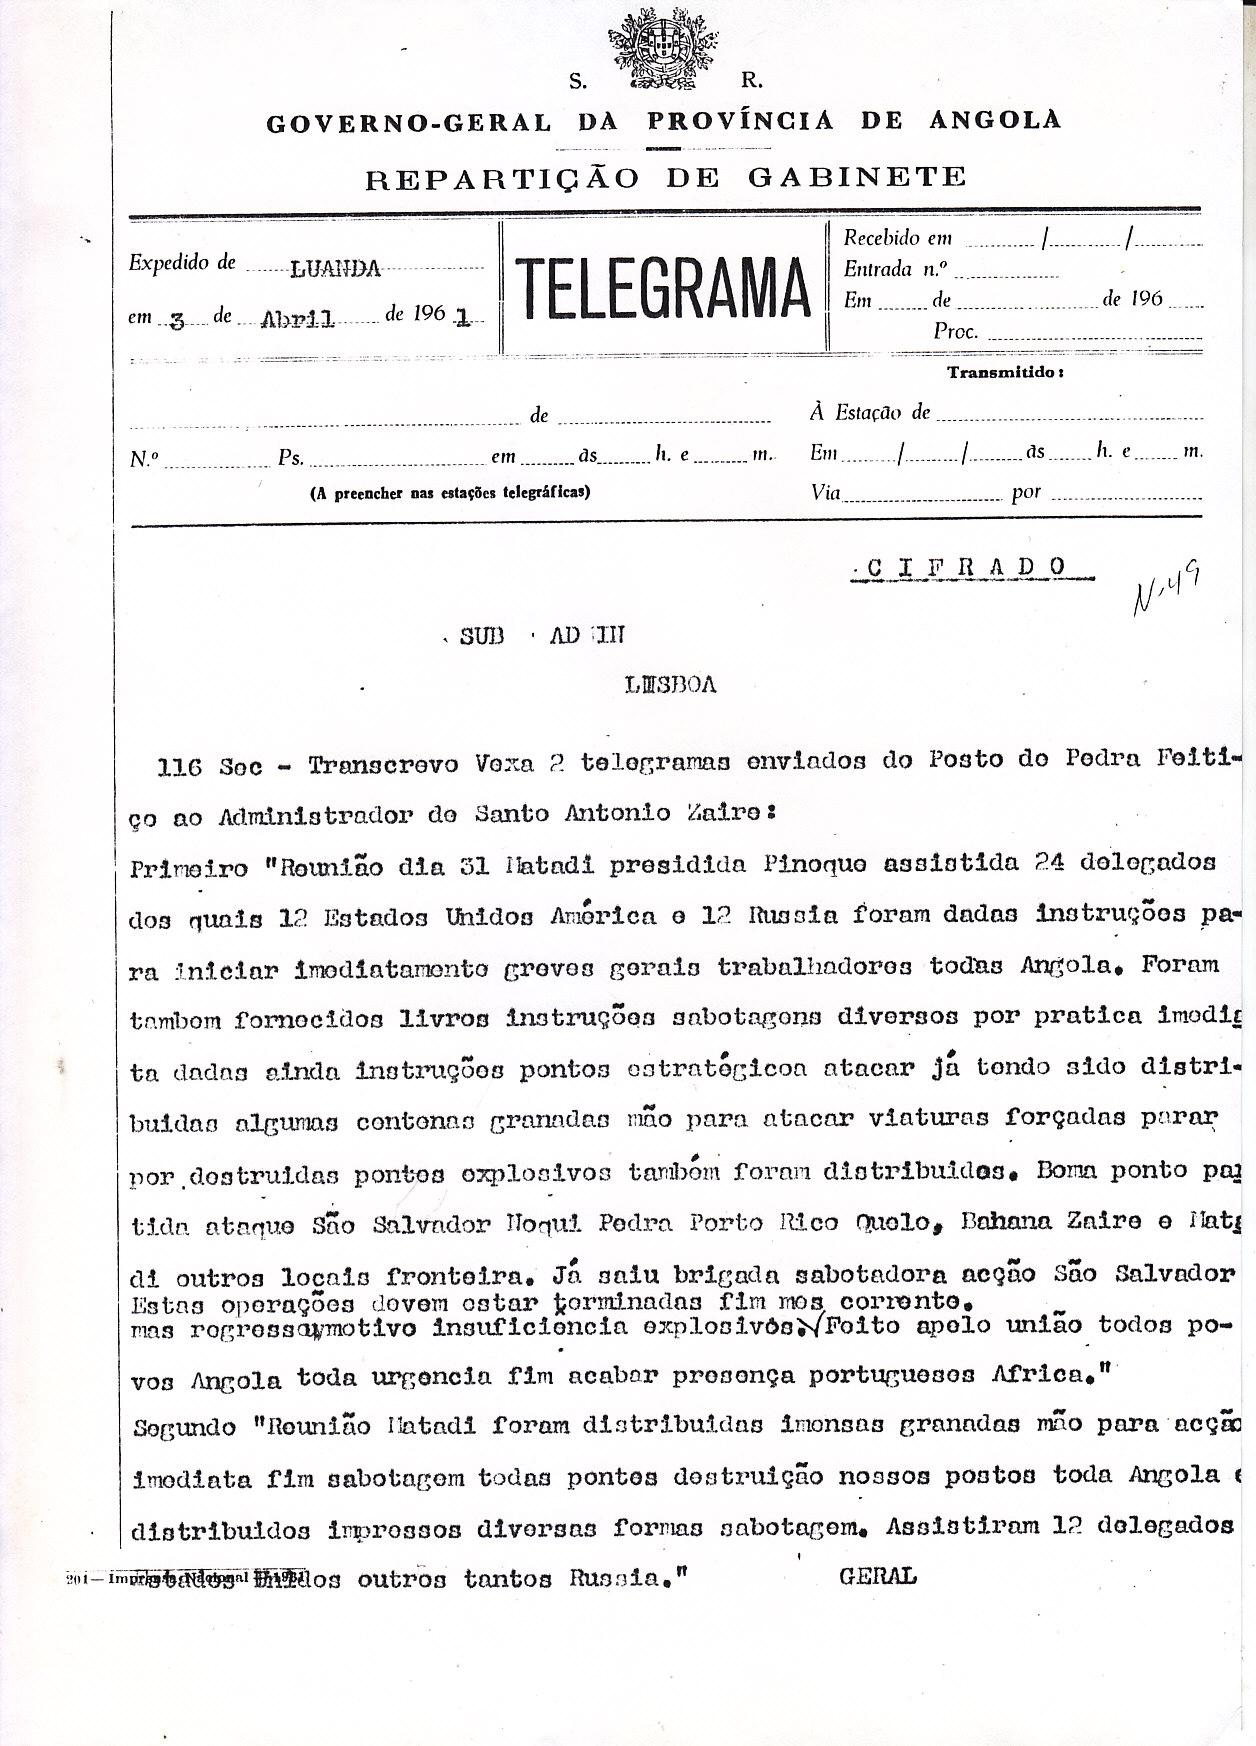 Alvaro_Silva _Tavares_telegrama_0008